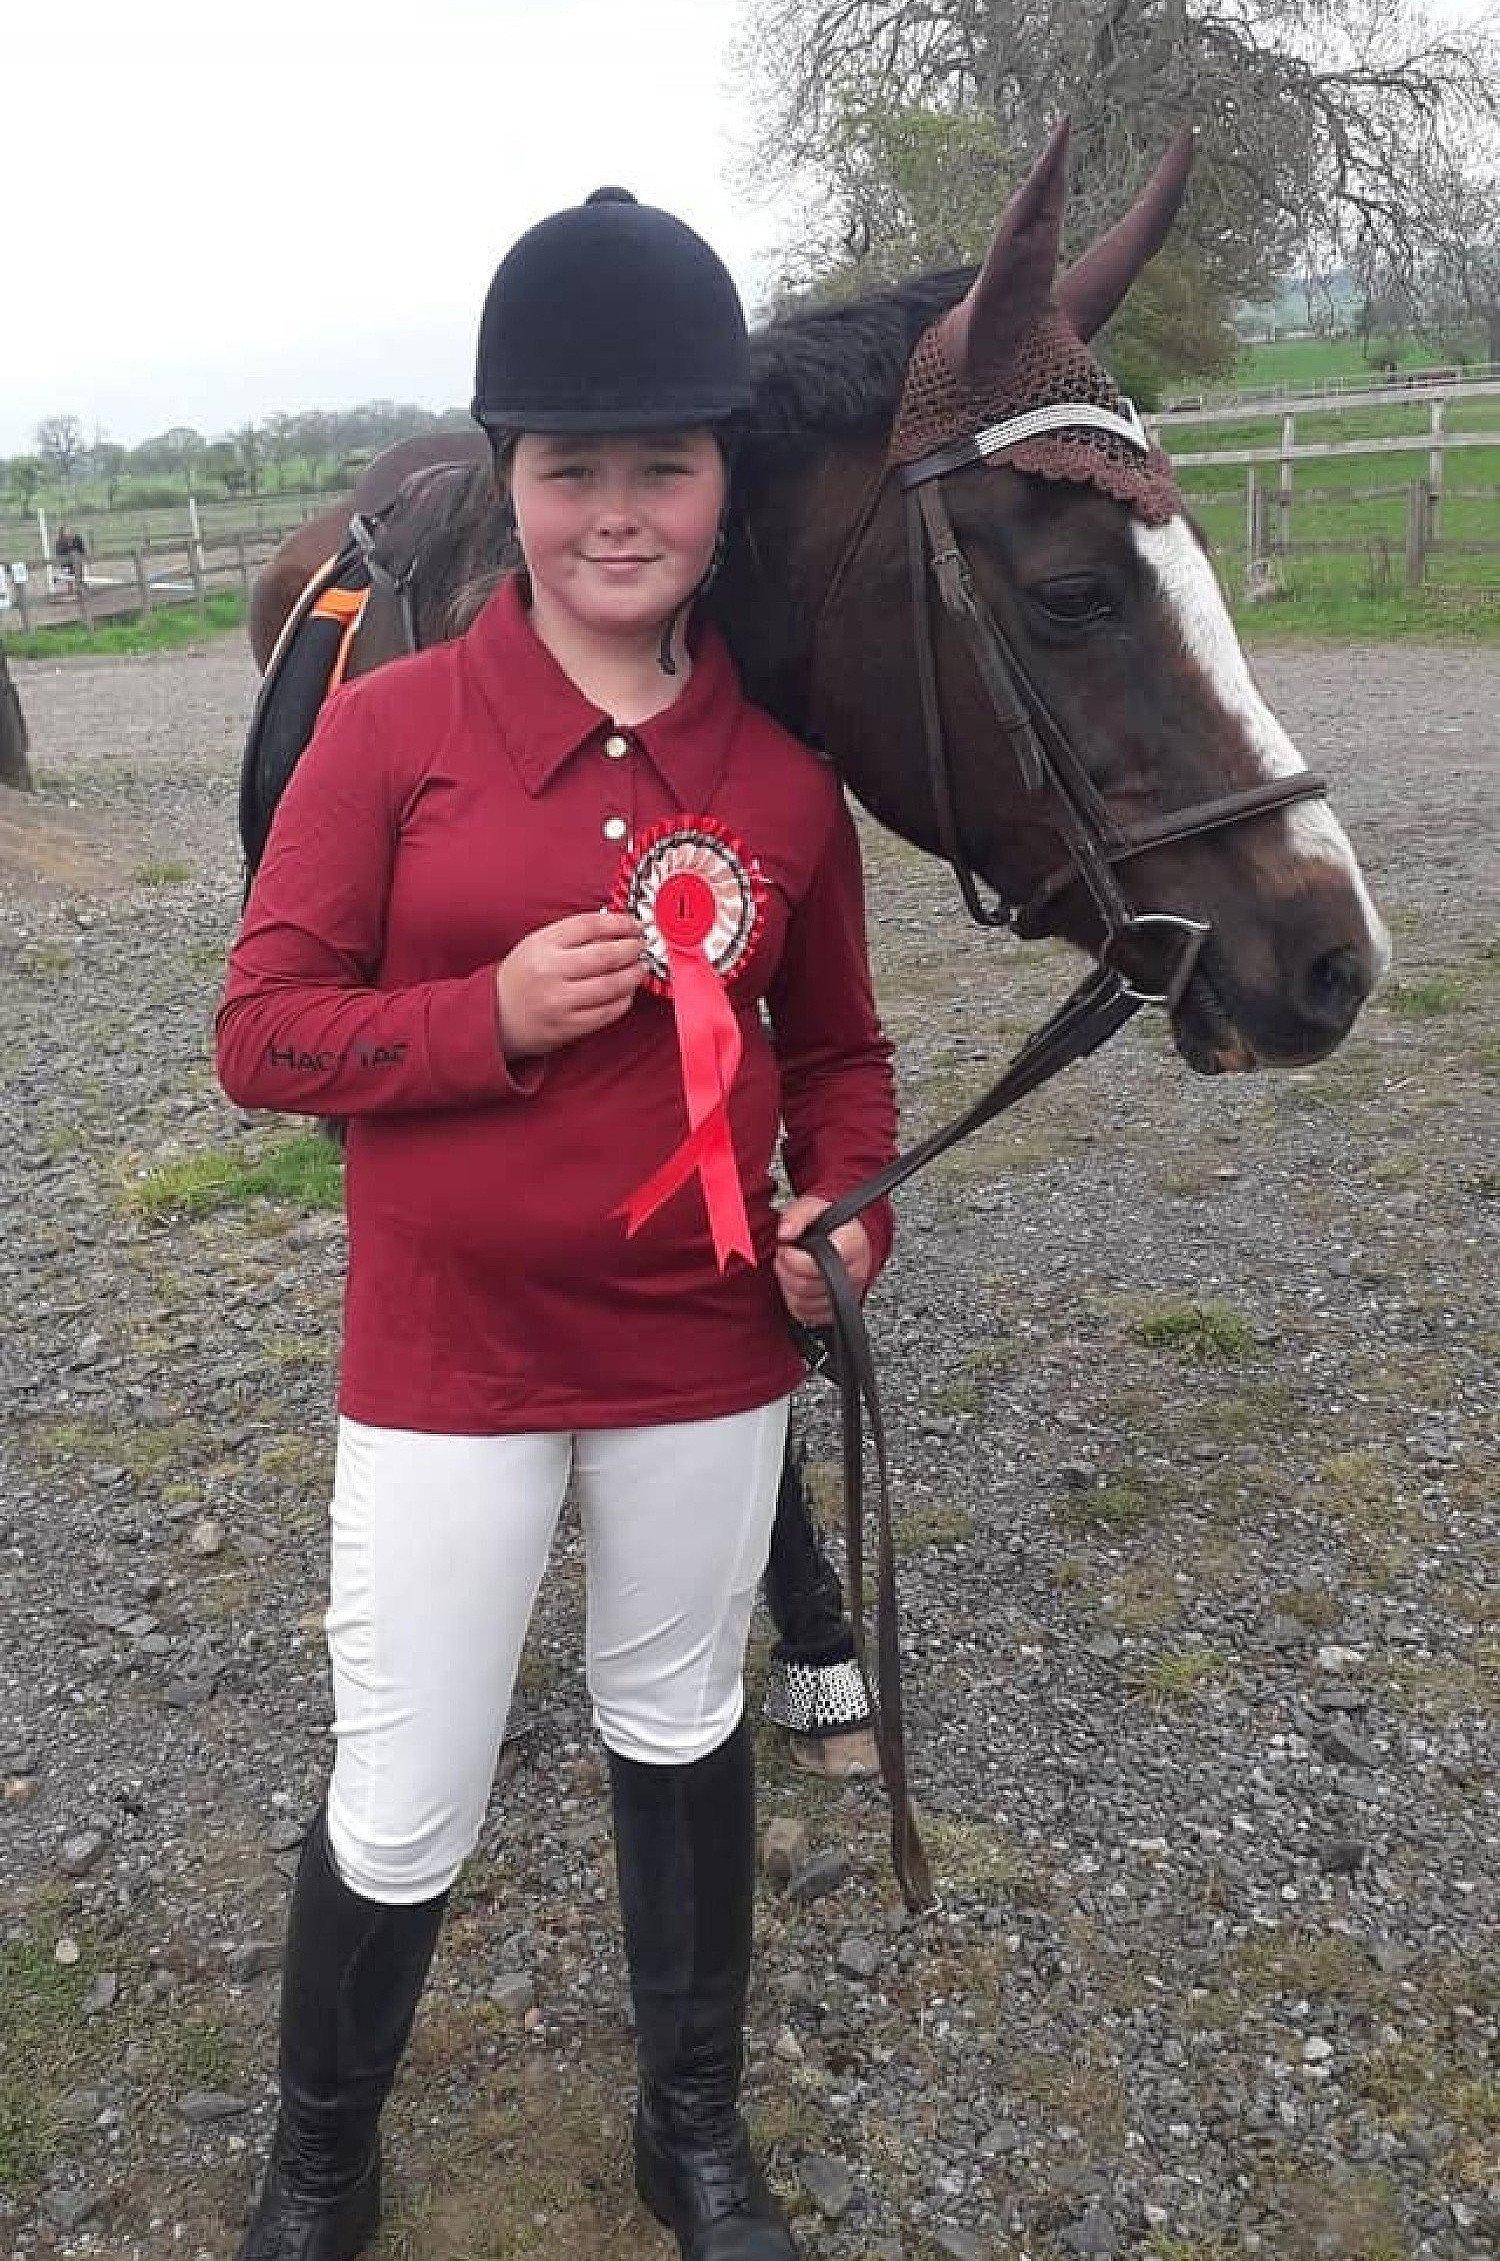 win a free pony morning